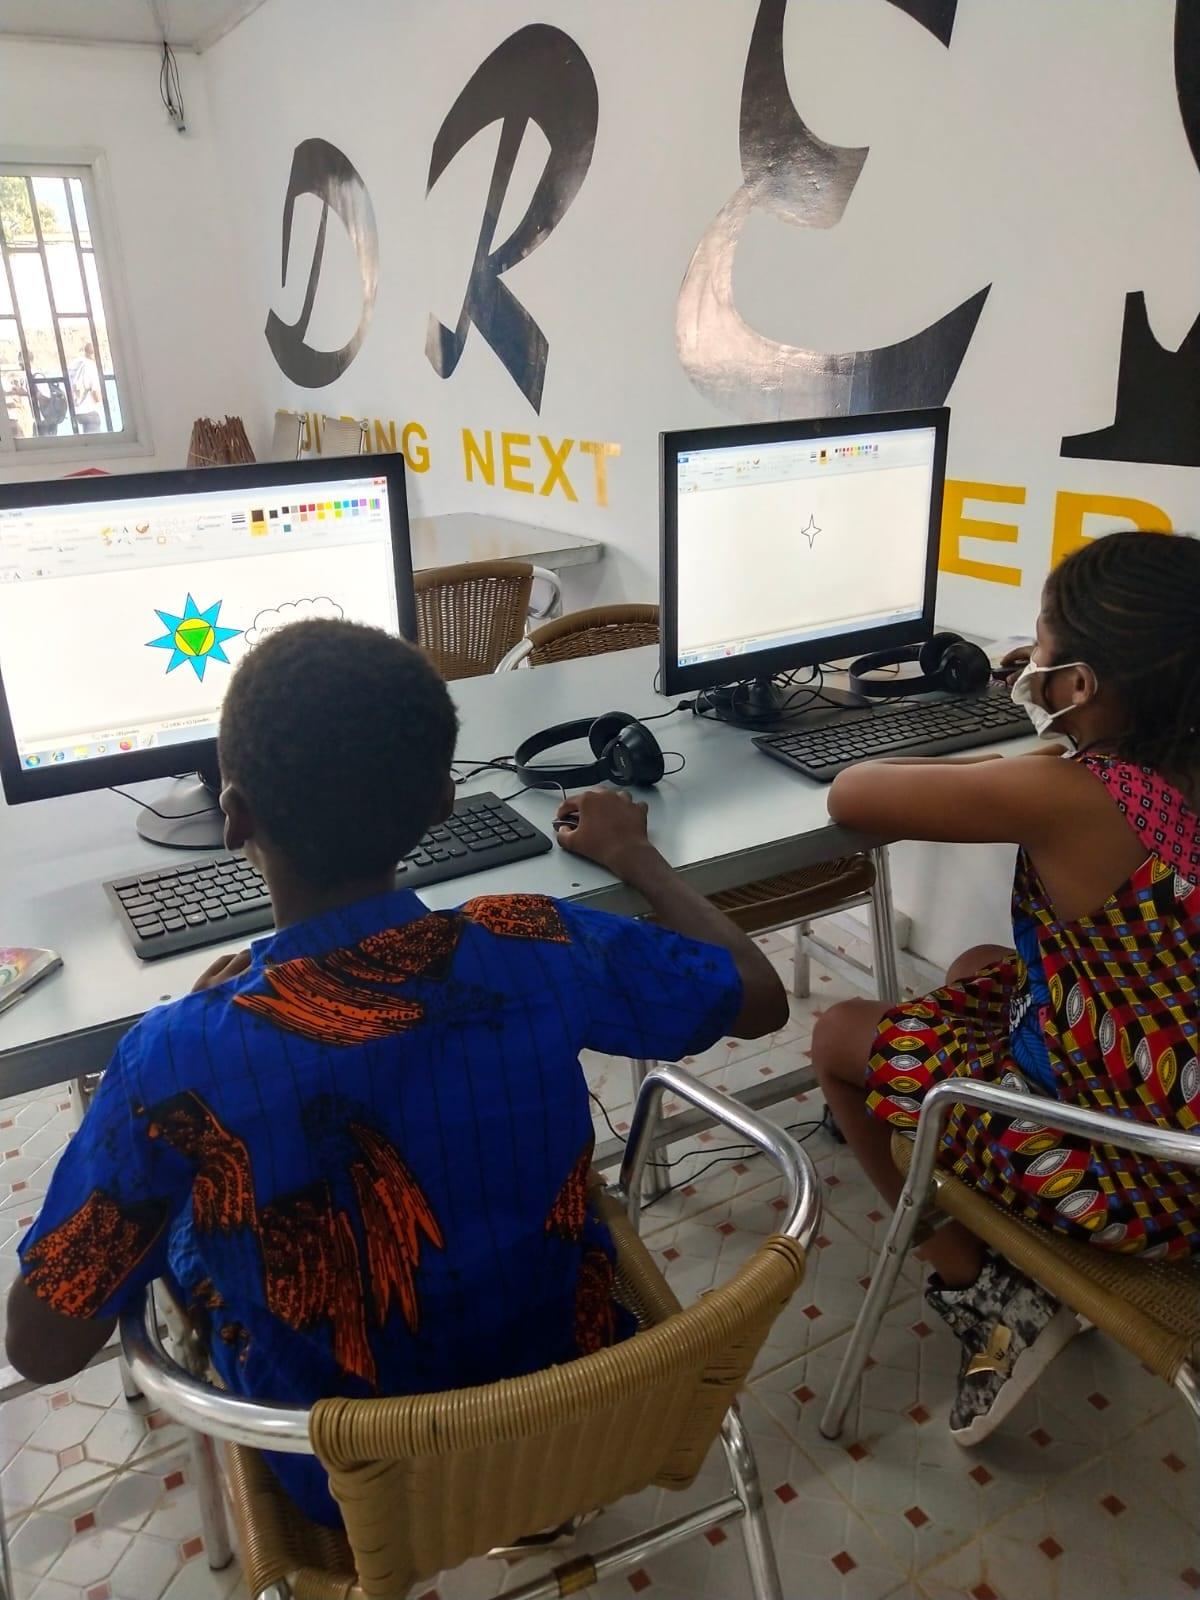 100 Niñas y niños de 7 a 13 años se beneficiarán de formación GRATUITAentorno a las nuevas tecnologías e inglés en Dreams Hub